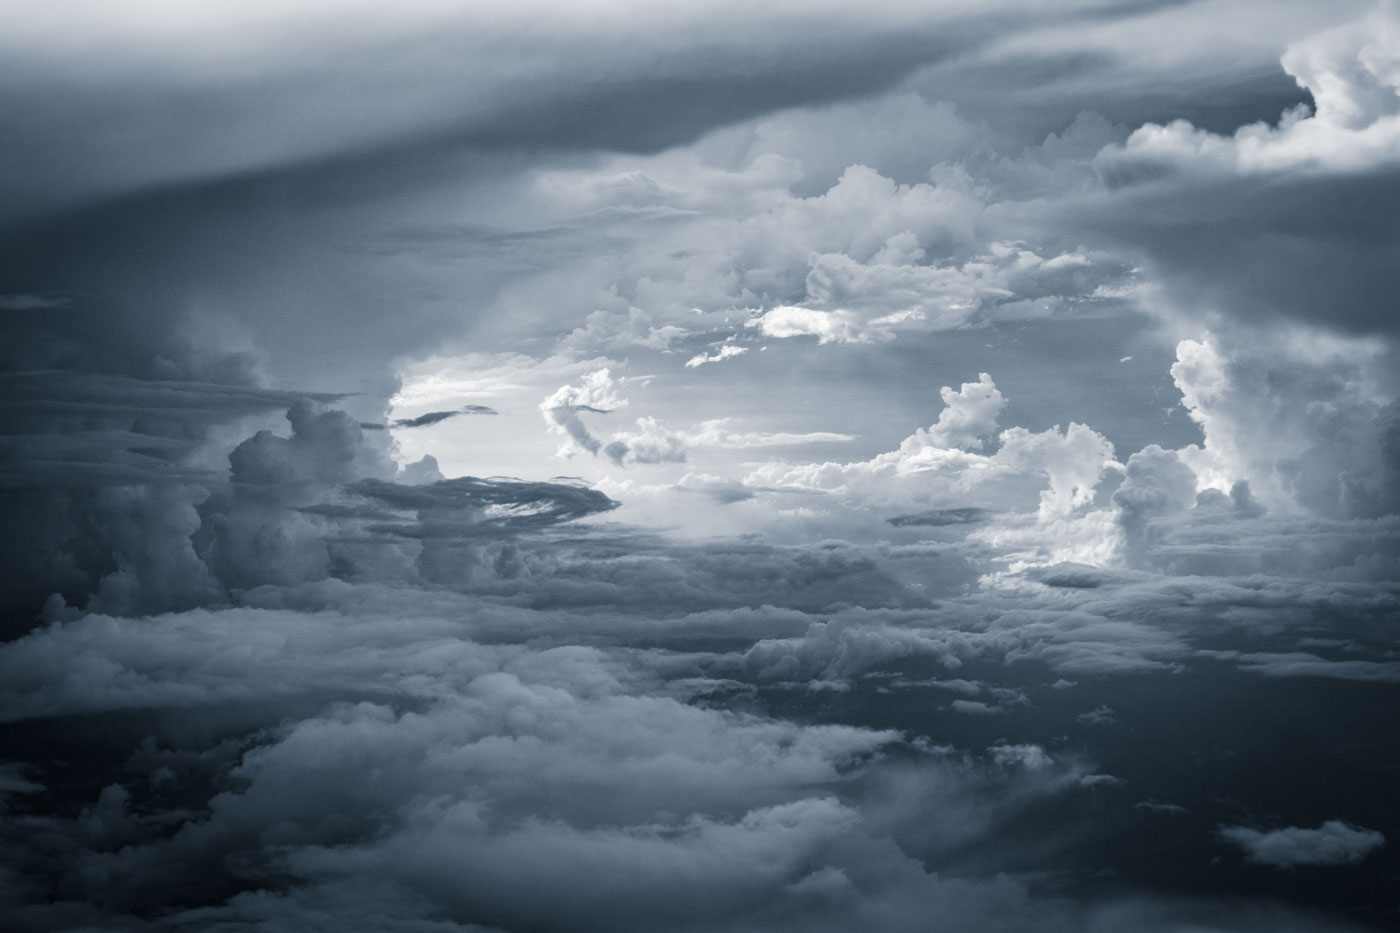 Freiheit, Himmel, Luftaufnahme, Natur & Landschaft, Organe - Macht, Politik, Umwelt, Wolken, clouds, freedom, monochrome colored, silence, sky, stillness